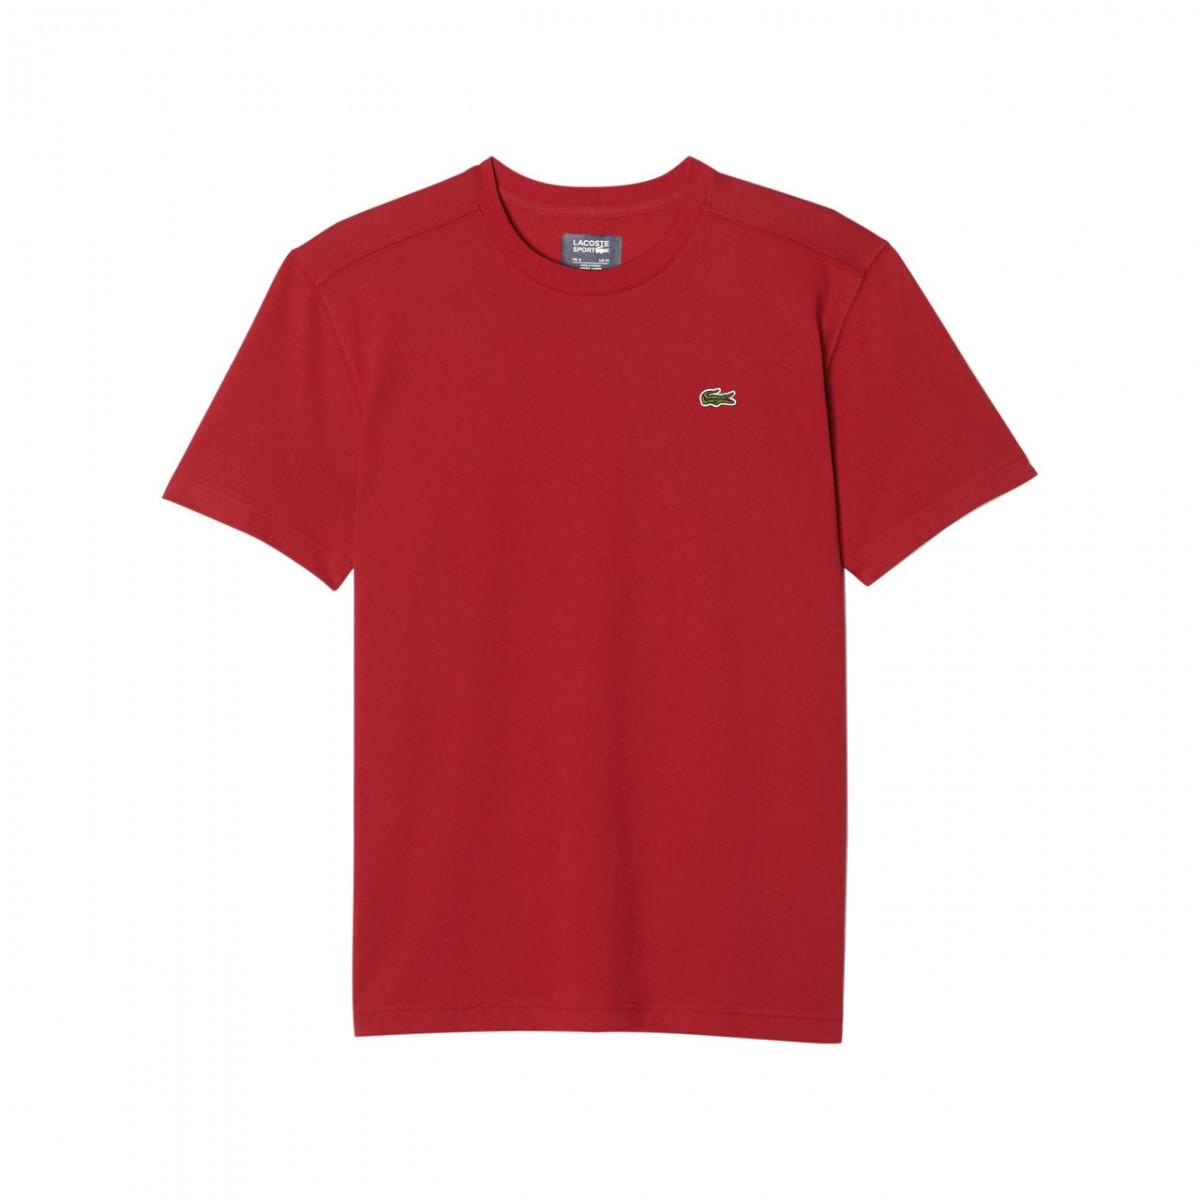 36bc51a12318f Camiseta Lacoste Masculina Th761821